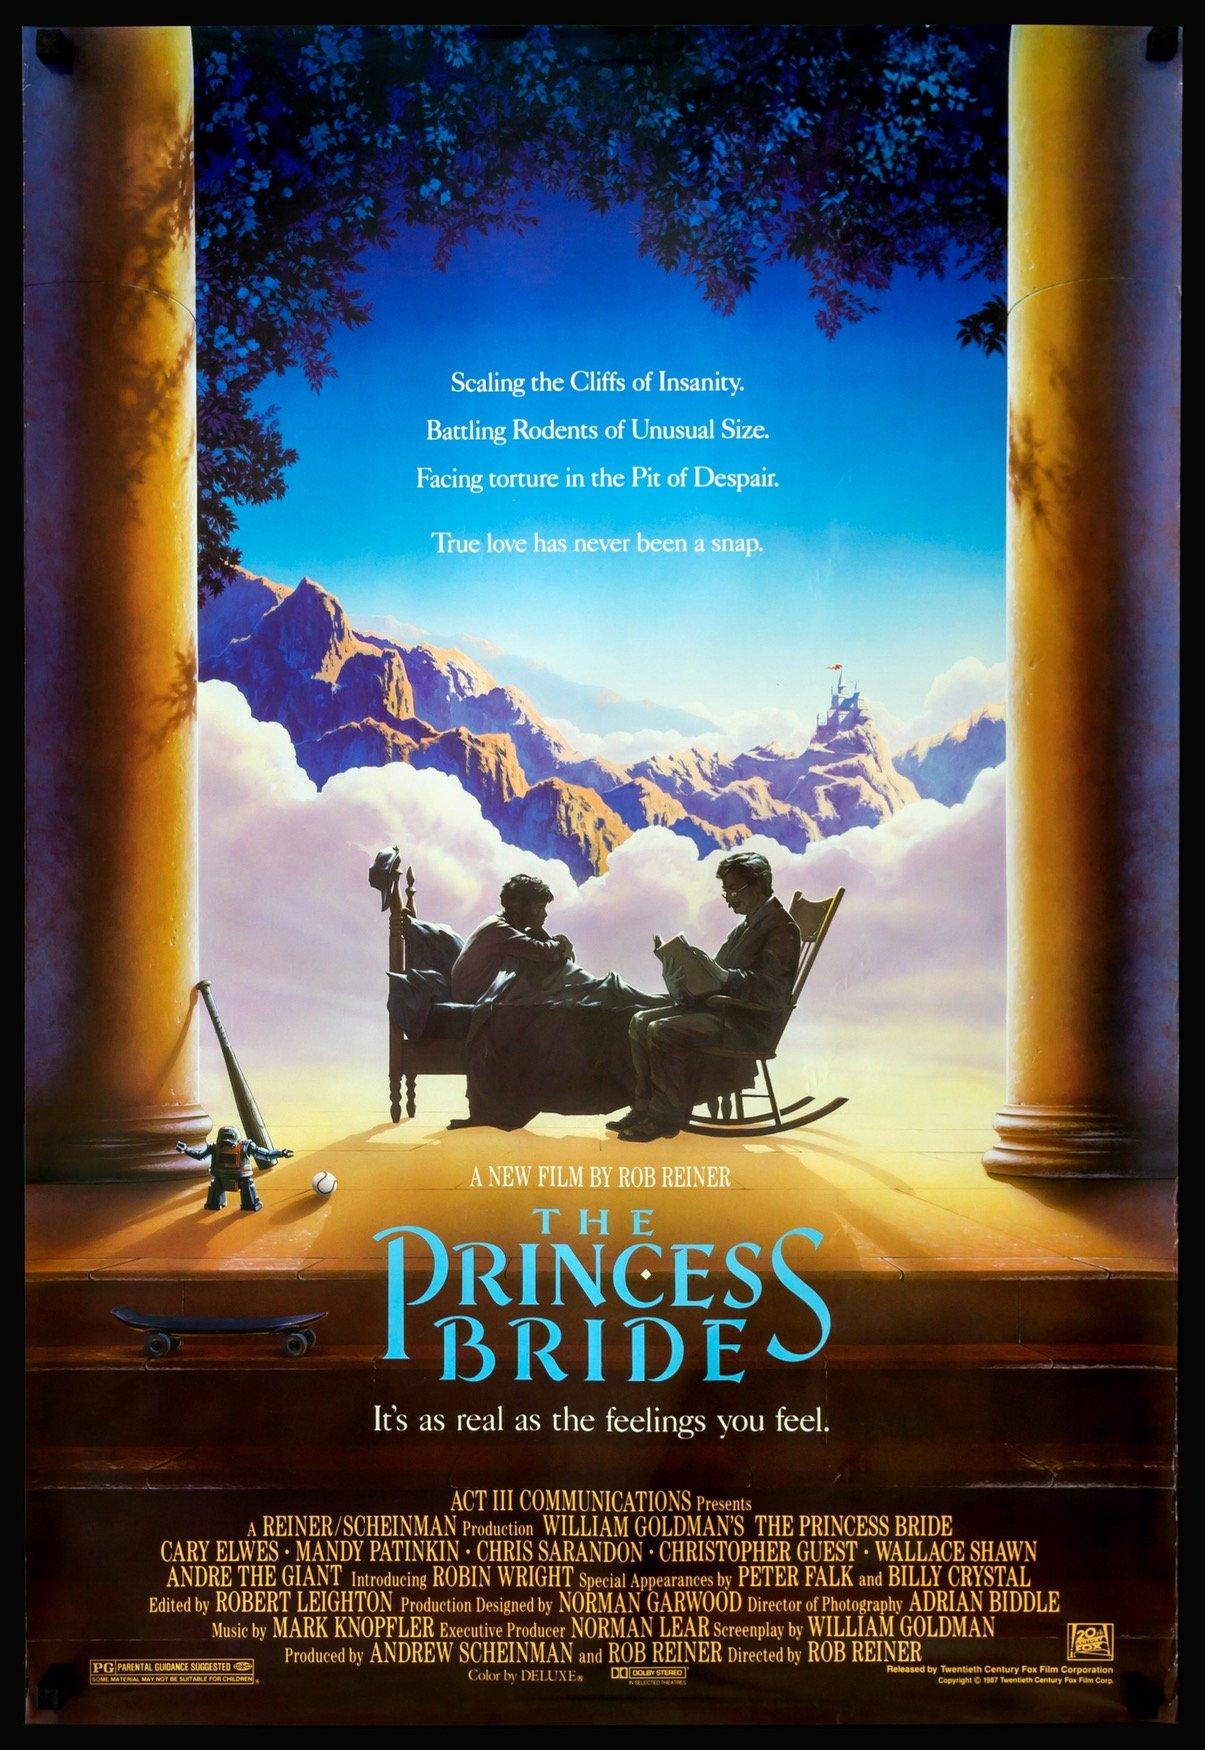 princess_bride_1987_original_film_art_c32c8366-ce01-4a0e-bf8e-02139bac3ece_5000x